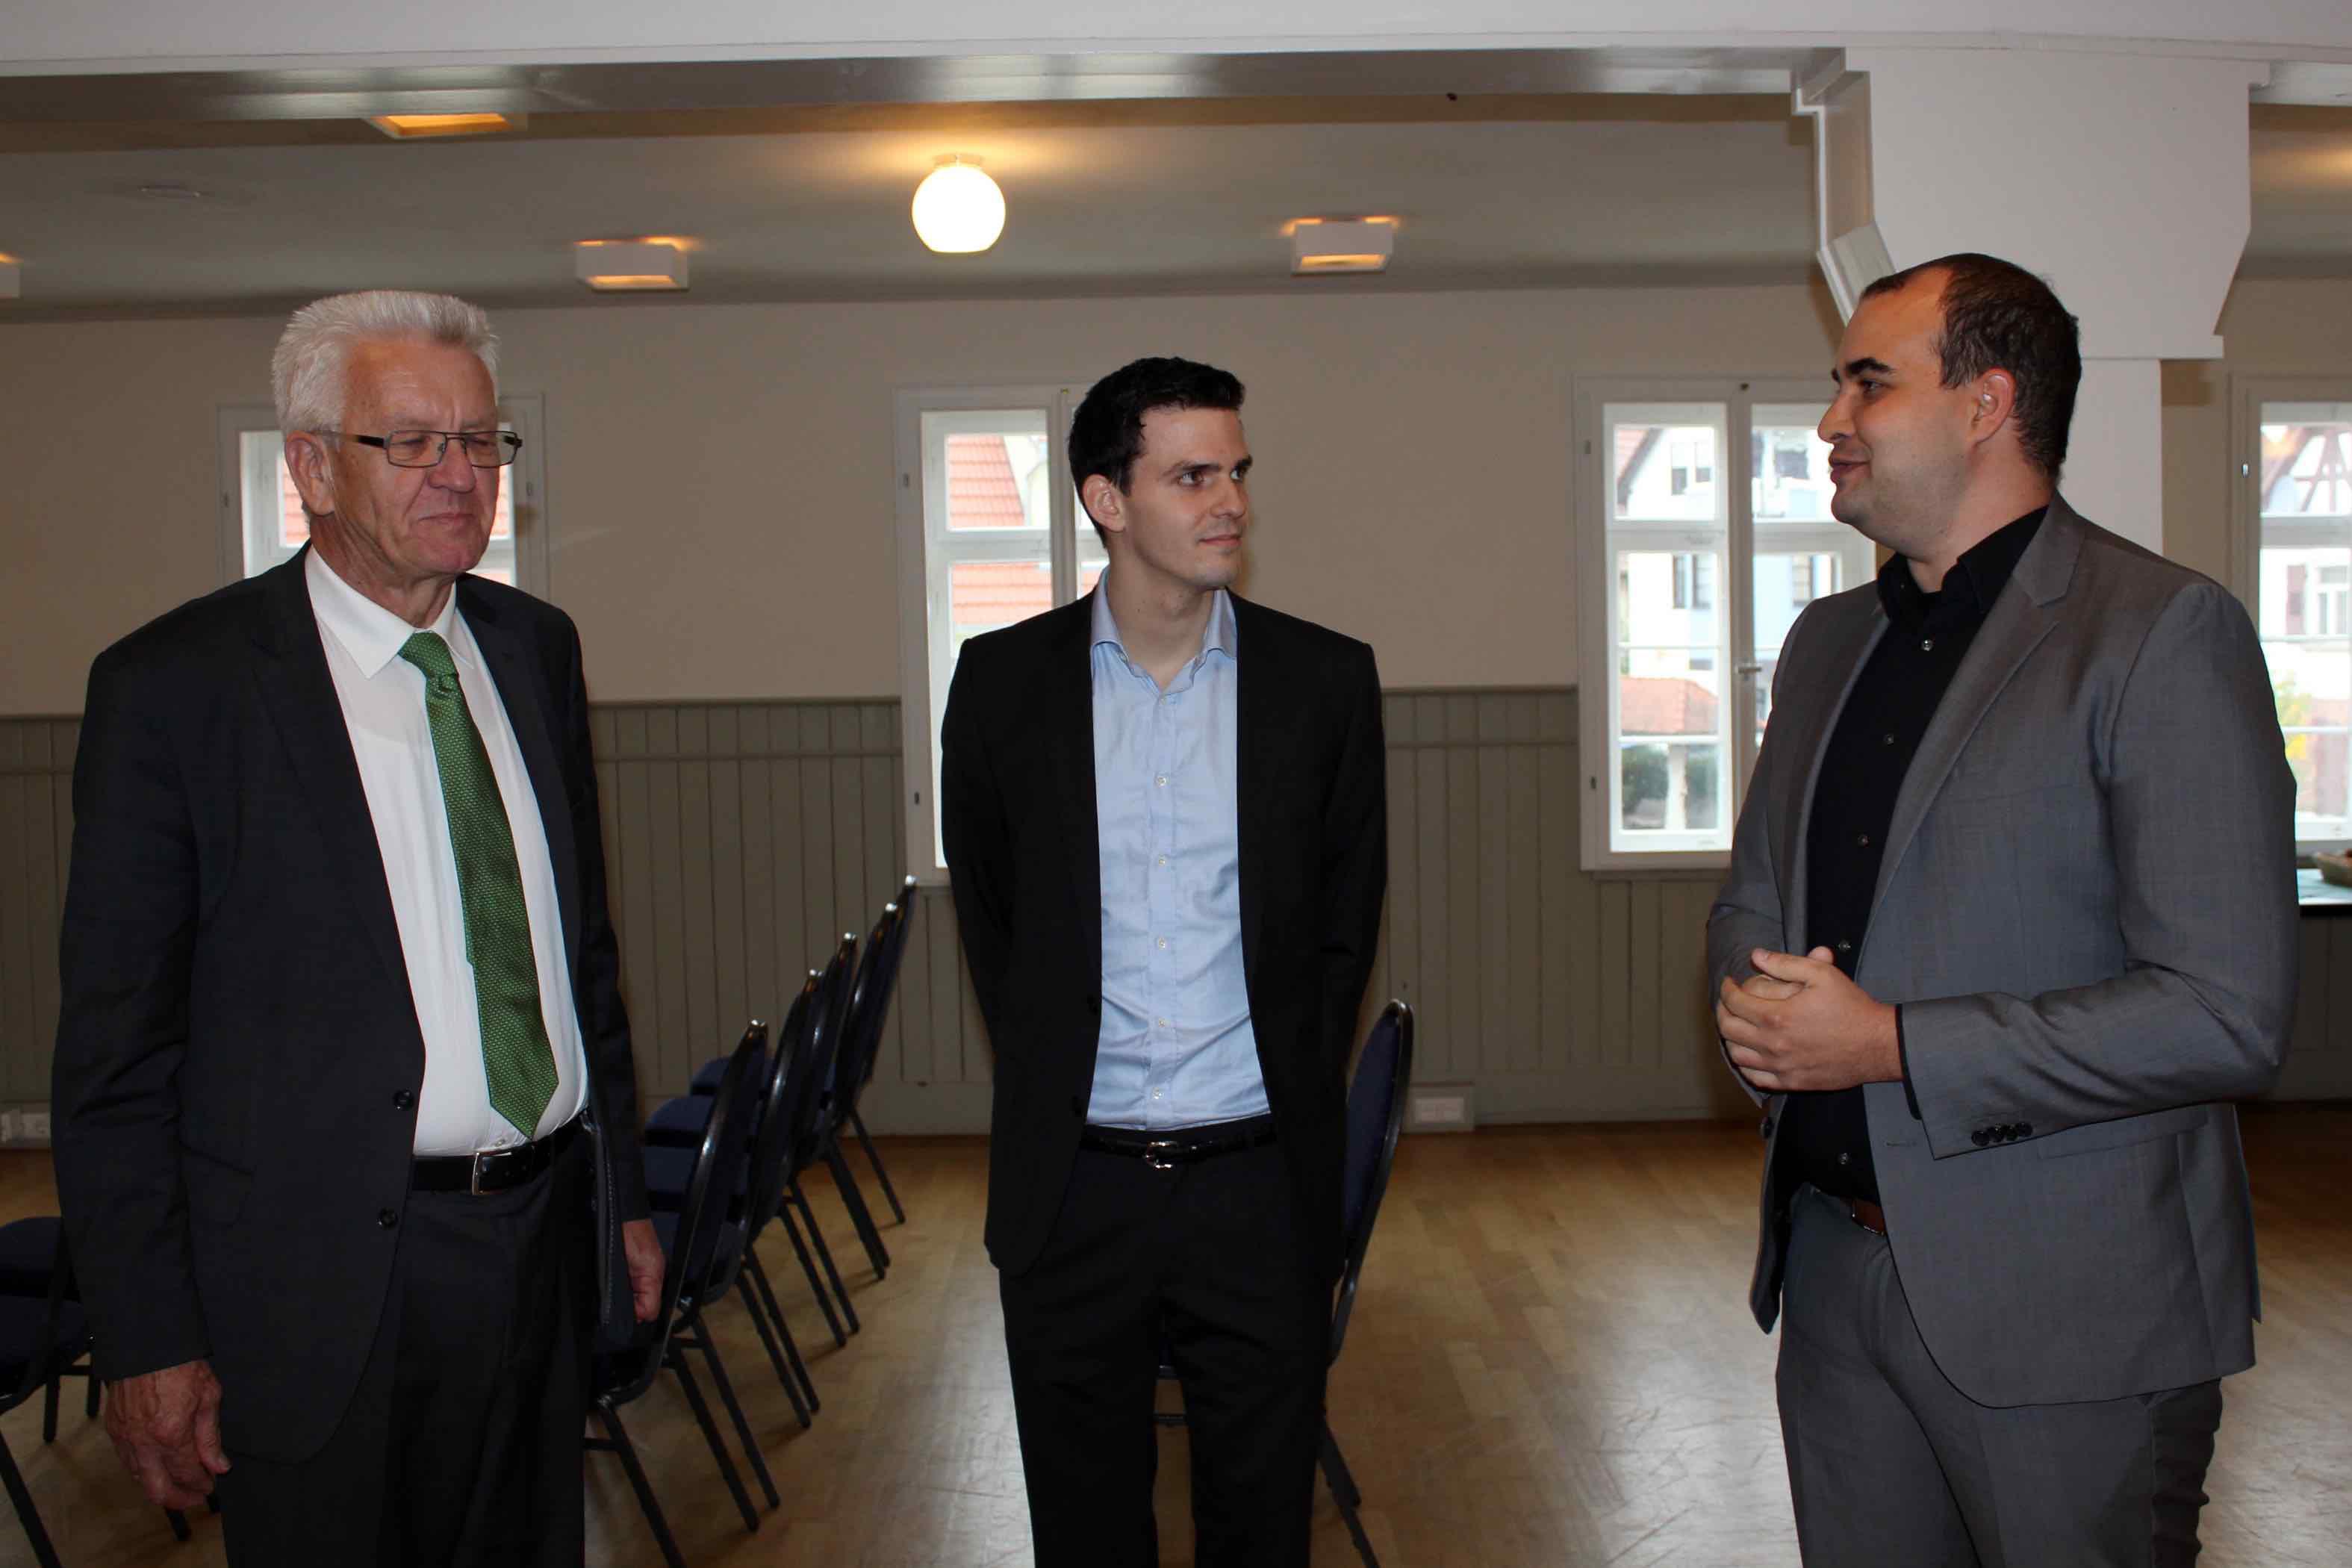 Bild von Ministerpräsident Kretschmann zusammen mit den Geschäftsführern von mecodia bei Besuch der Firma